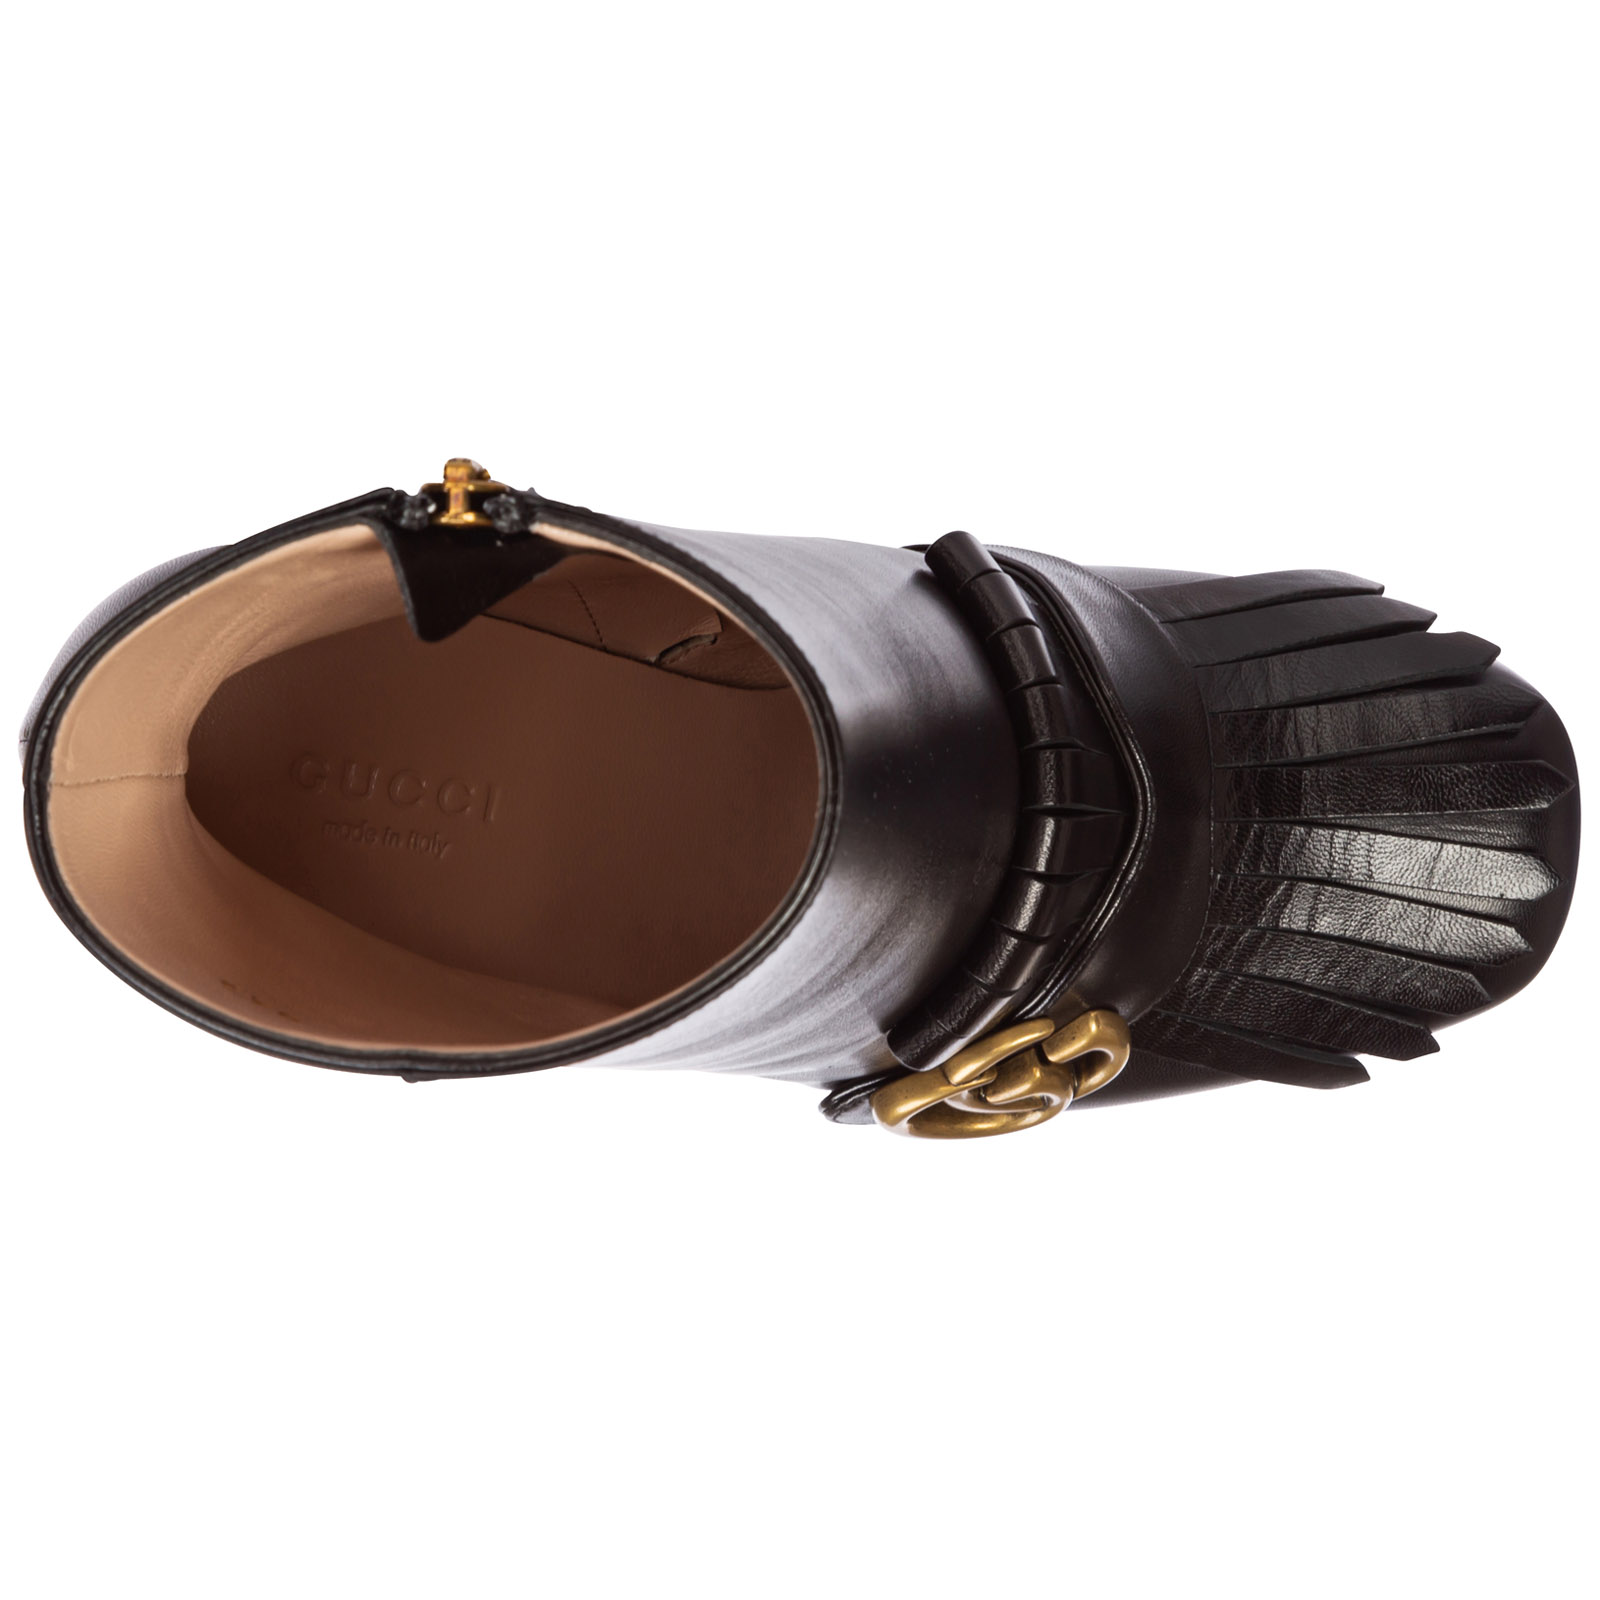 Demi bottes femme à talon en cuir gg marmont